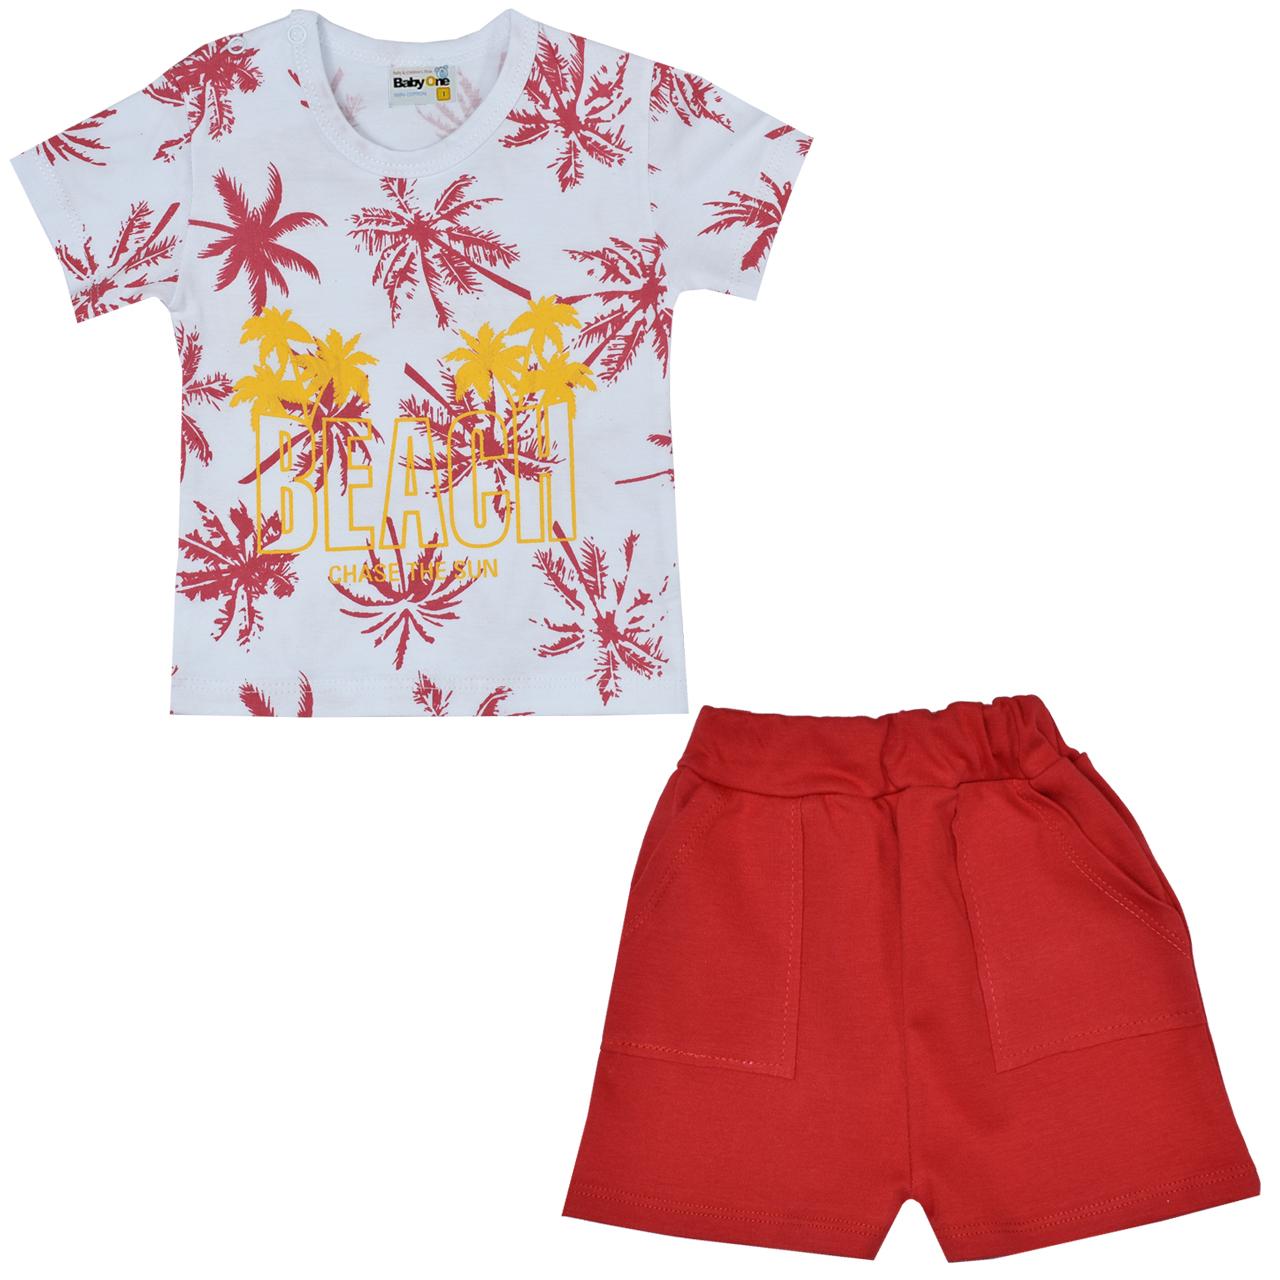 ست تی شرت و شلوارک نوزادی بی بی وان مدل هاوایی